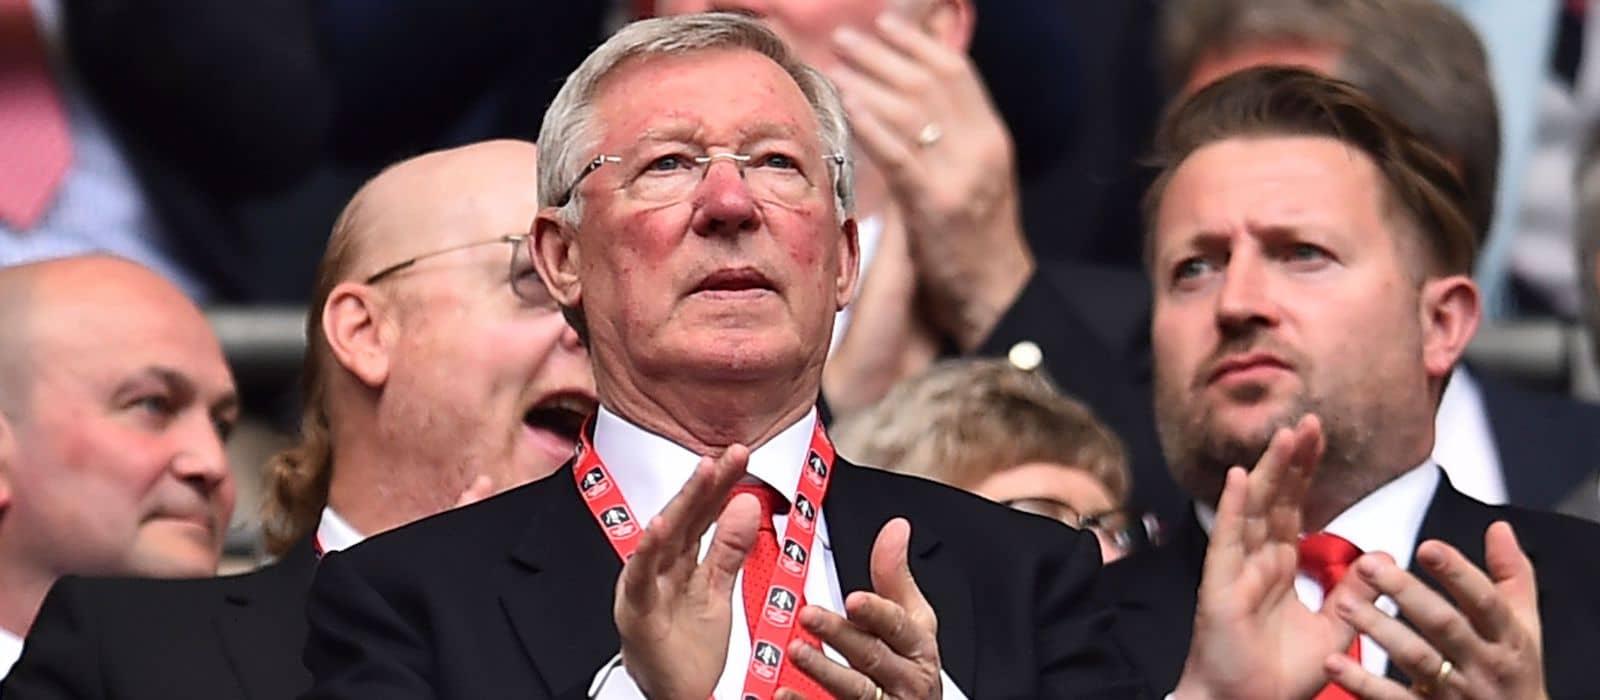 Brian Kidd: Sir Alex Ferguson was unreal for Manchester United